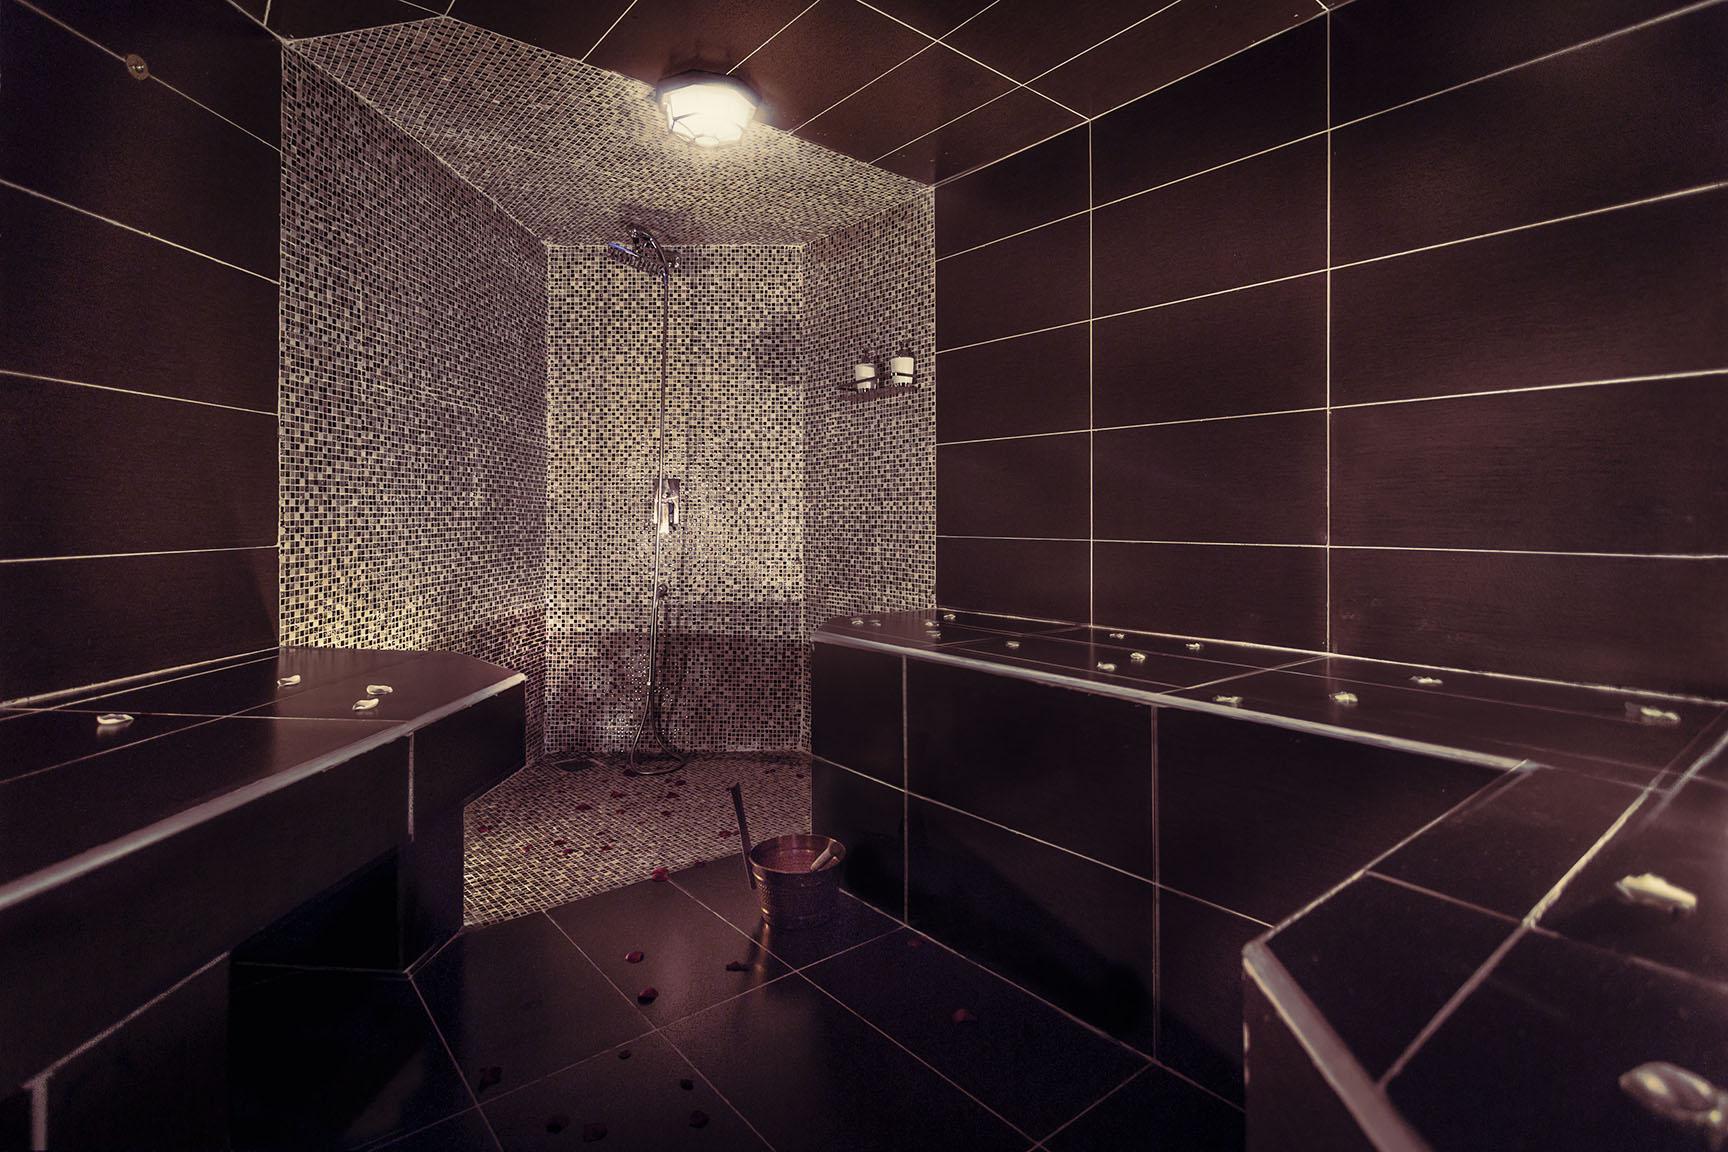 saffron_steam_room.jpg